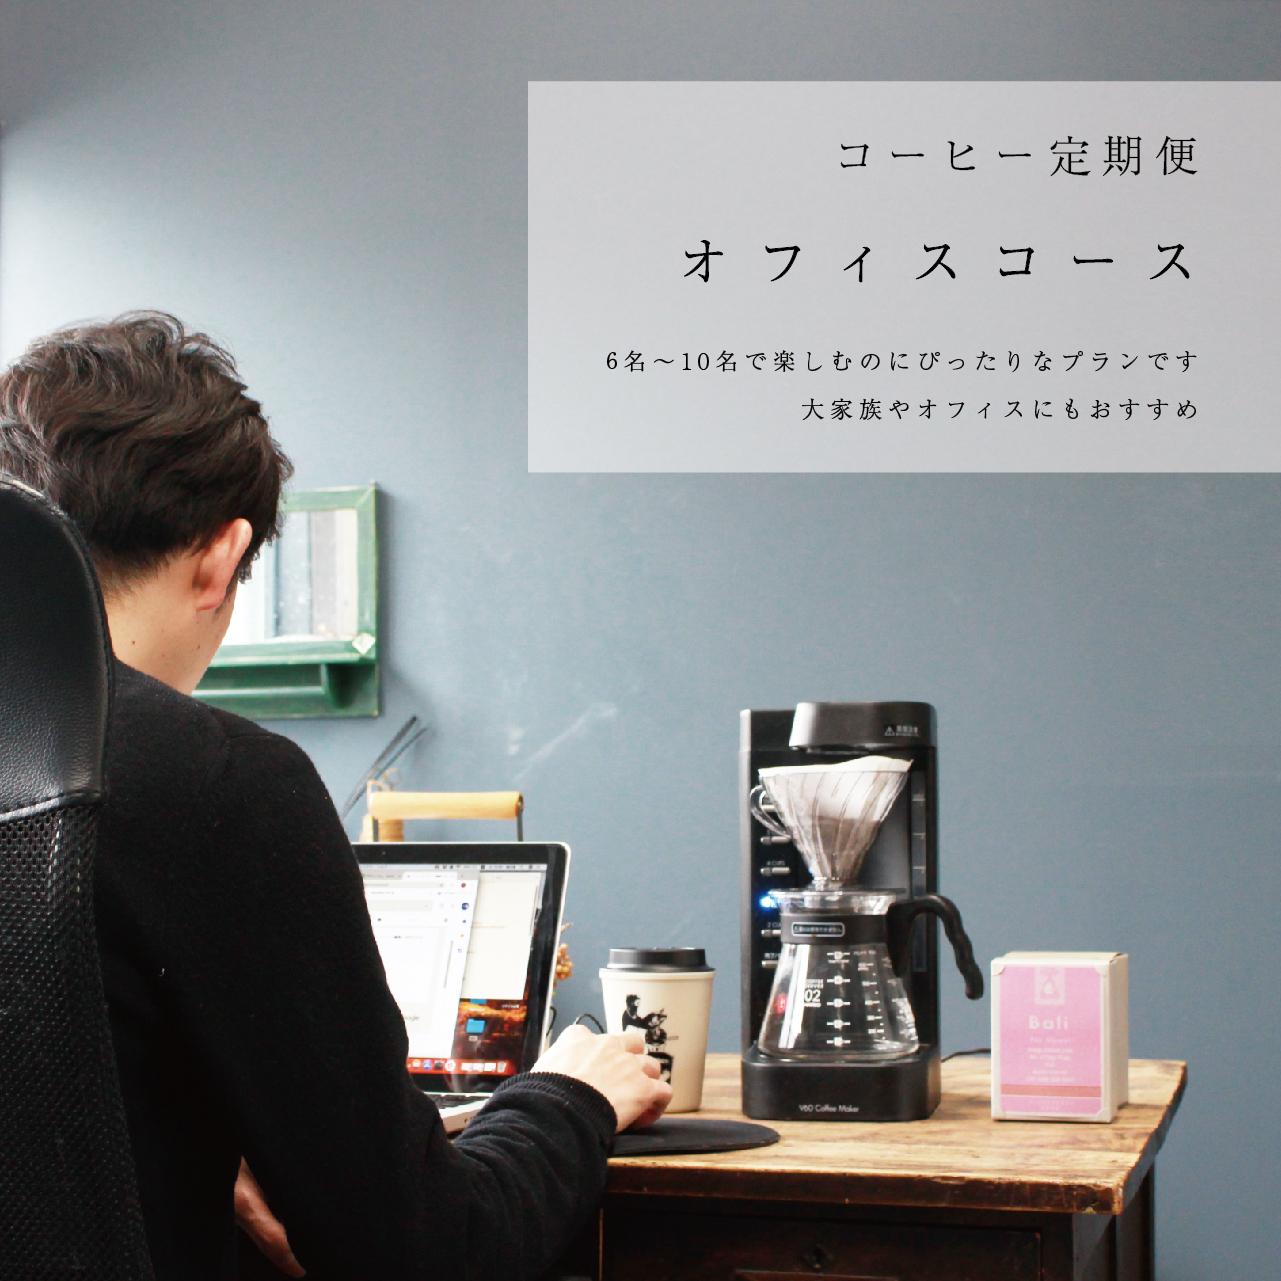 旅のコーヒー定期便「オフィスコース」  計2kg 月2回発送【送料無料】